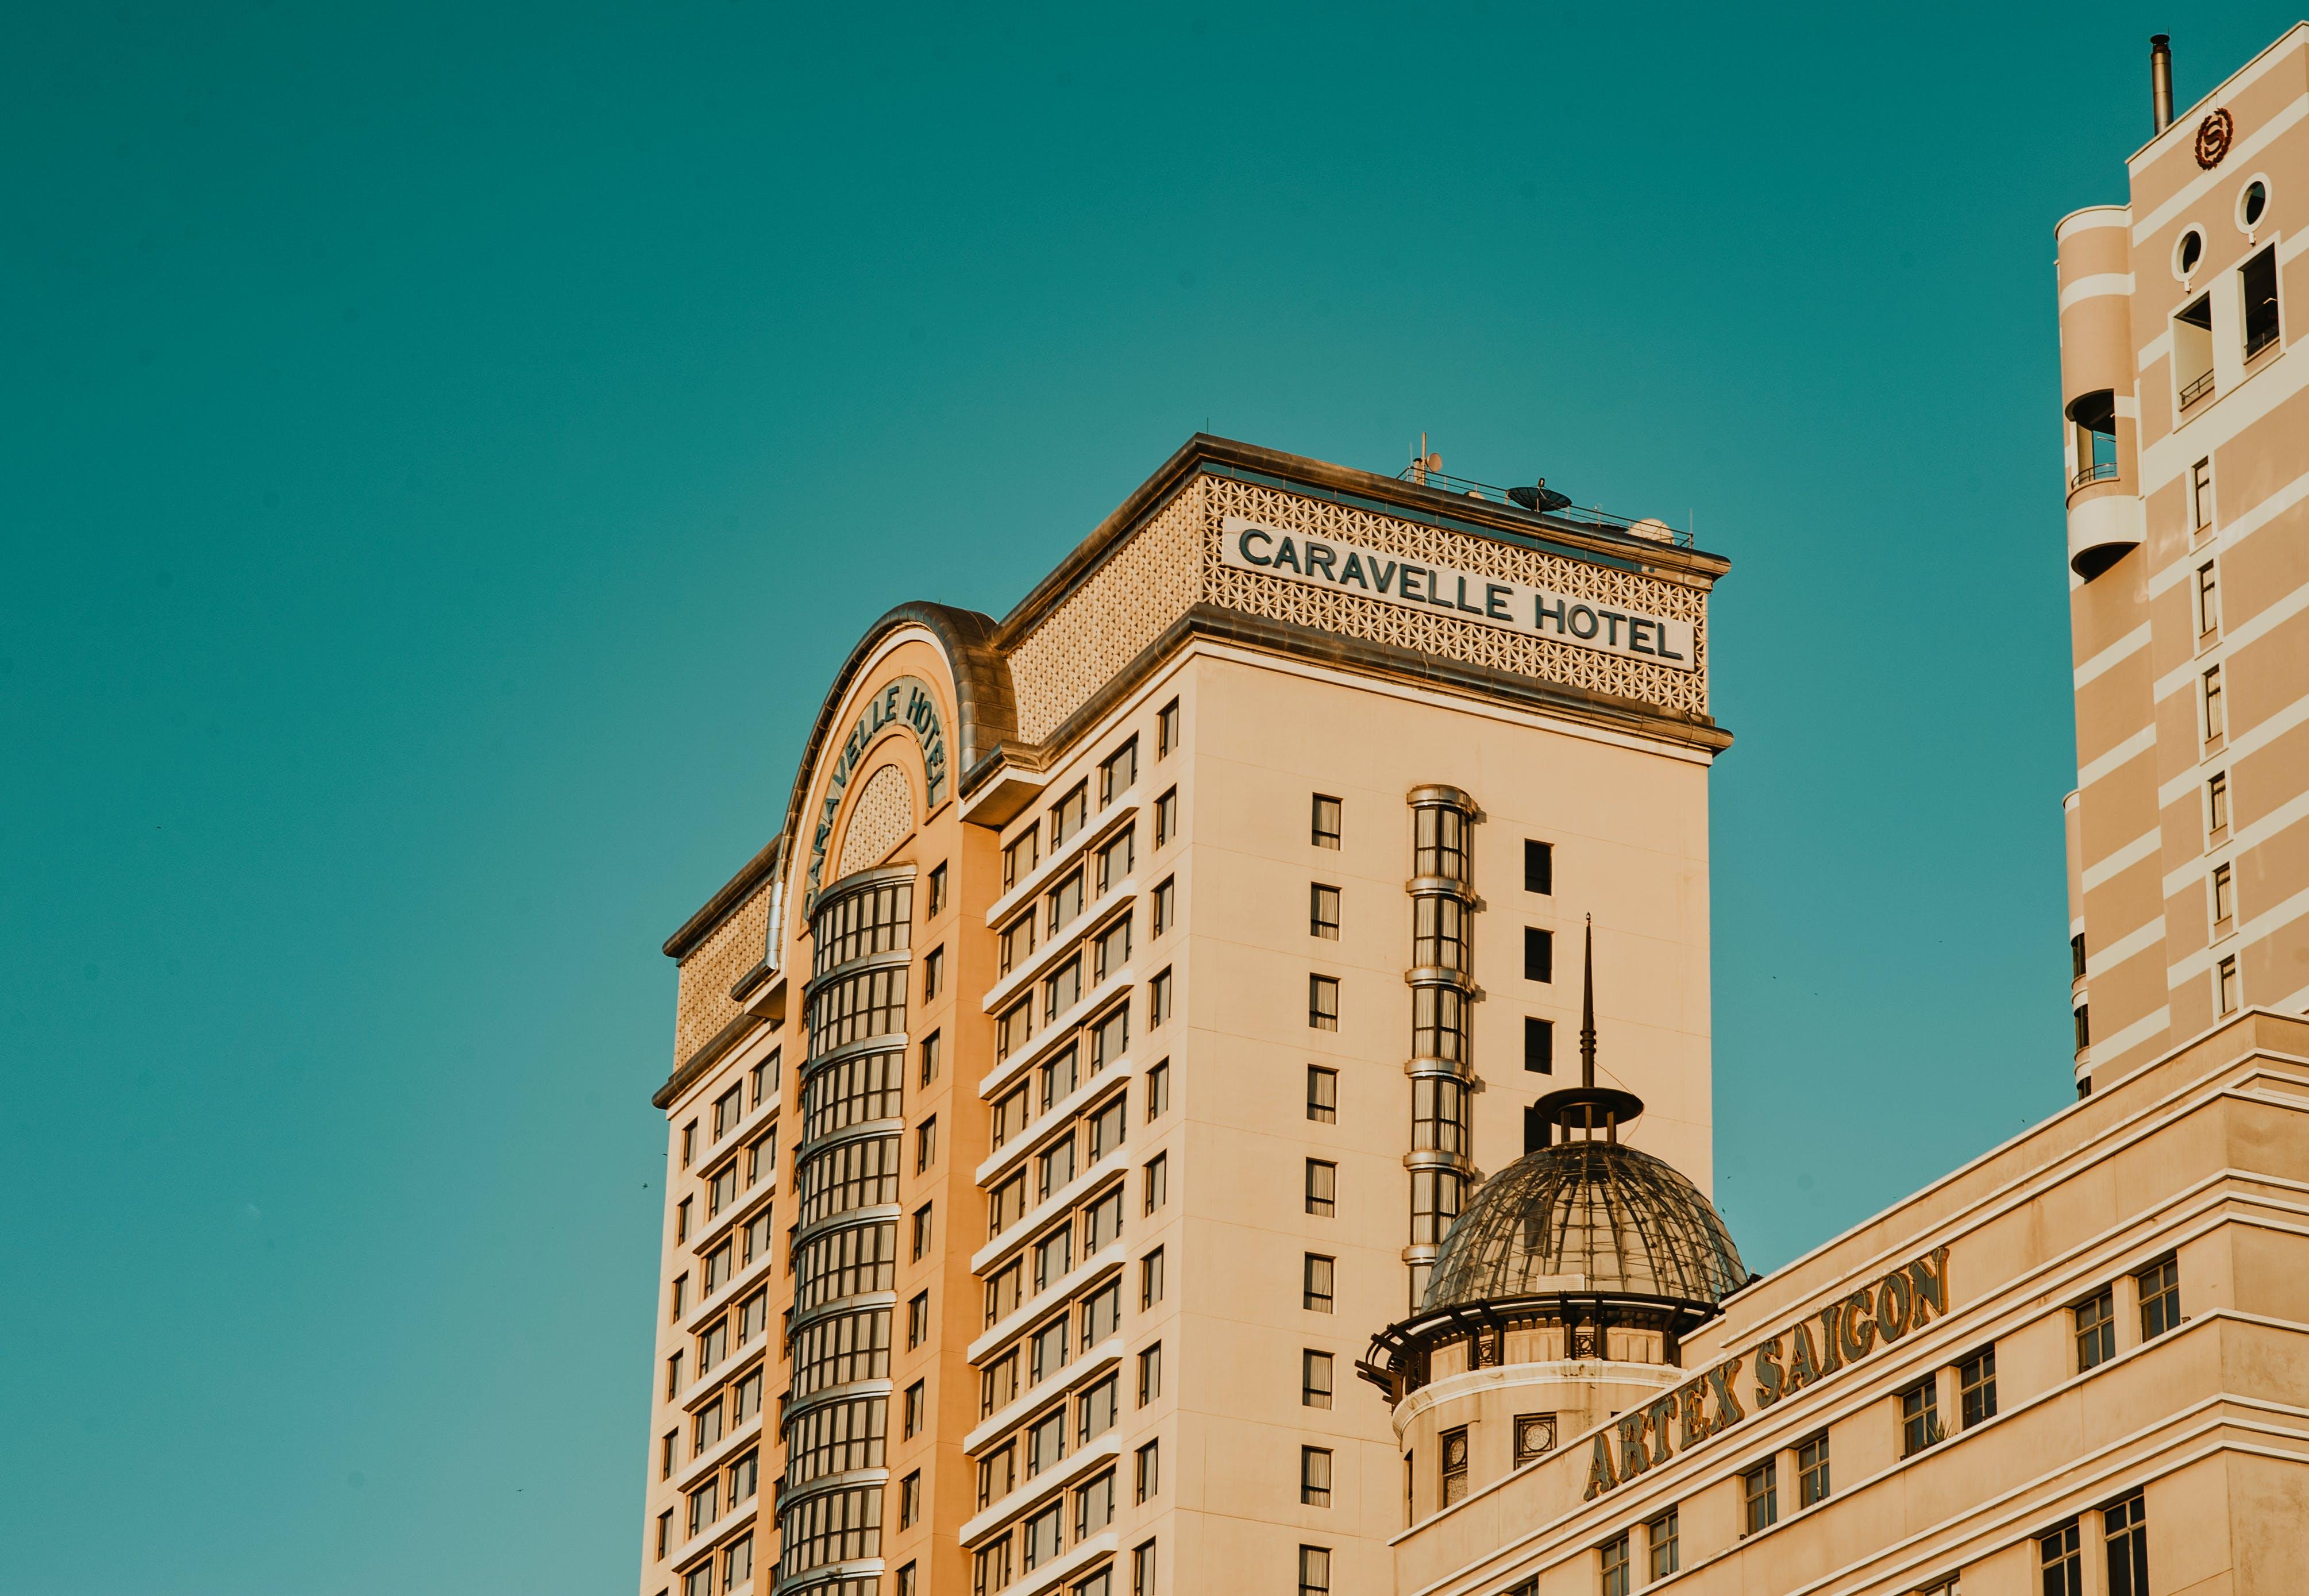 Kostenloses Stock Foto zu himmel, gebäude, hotels, architektur